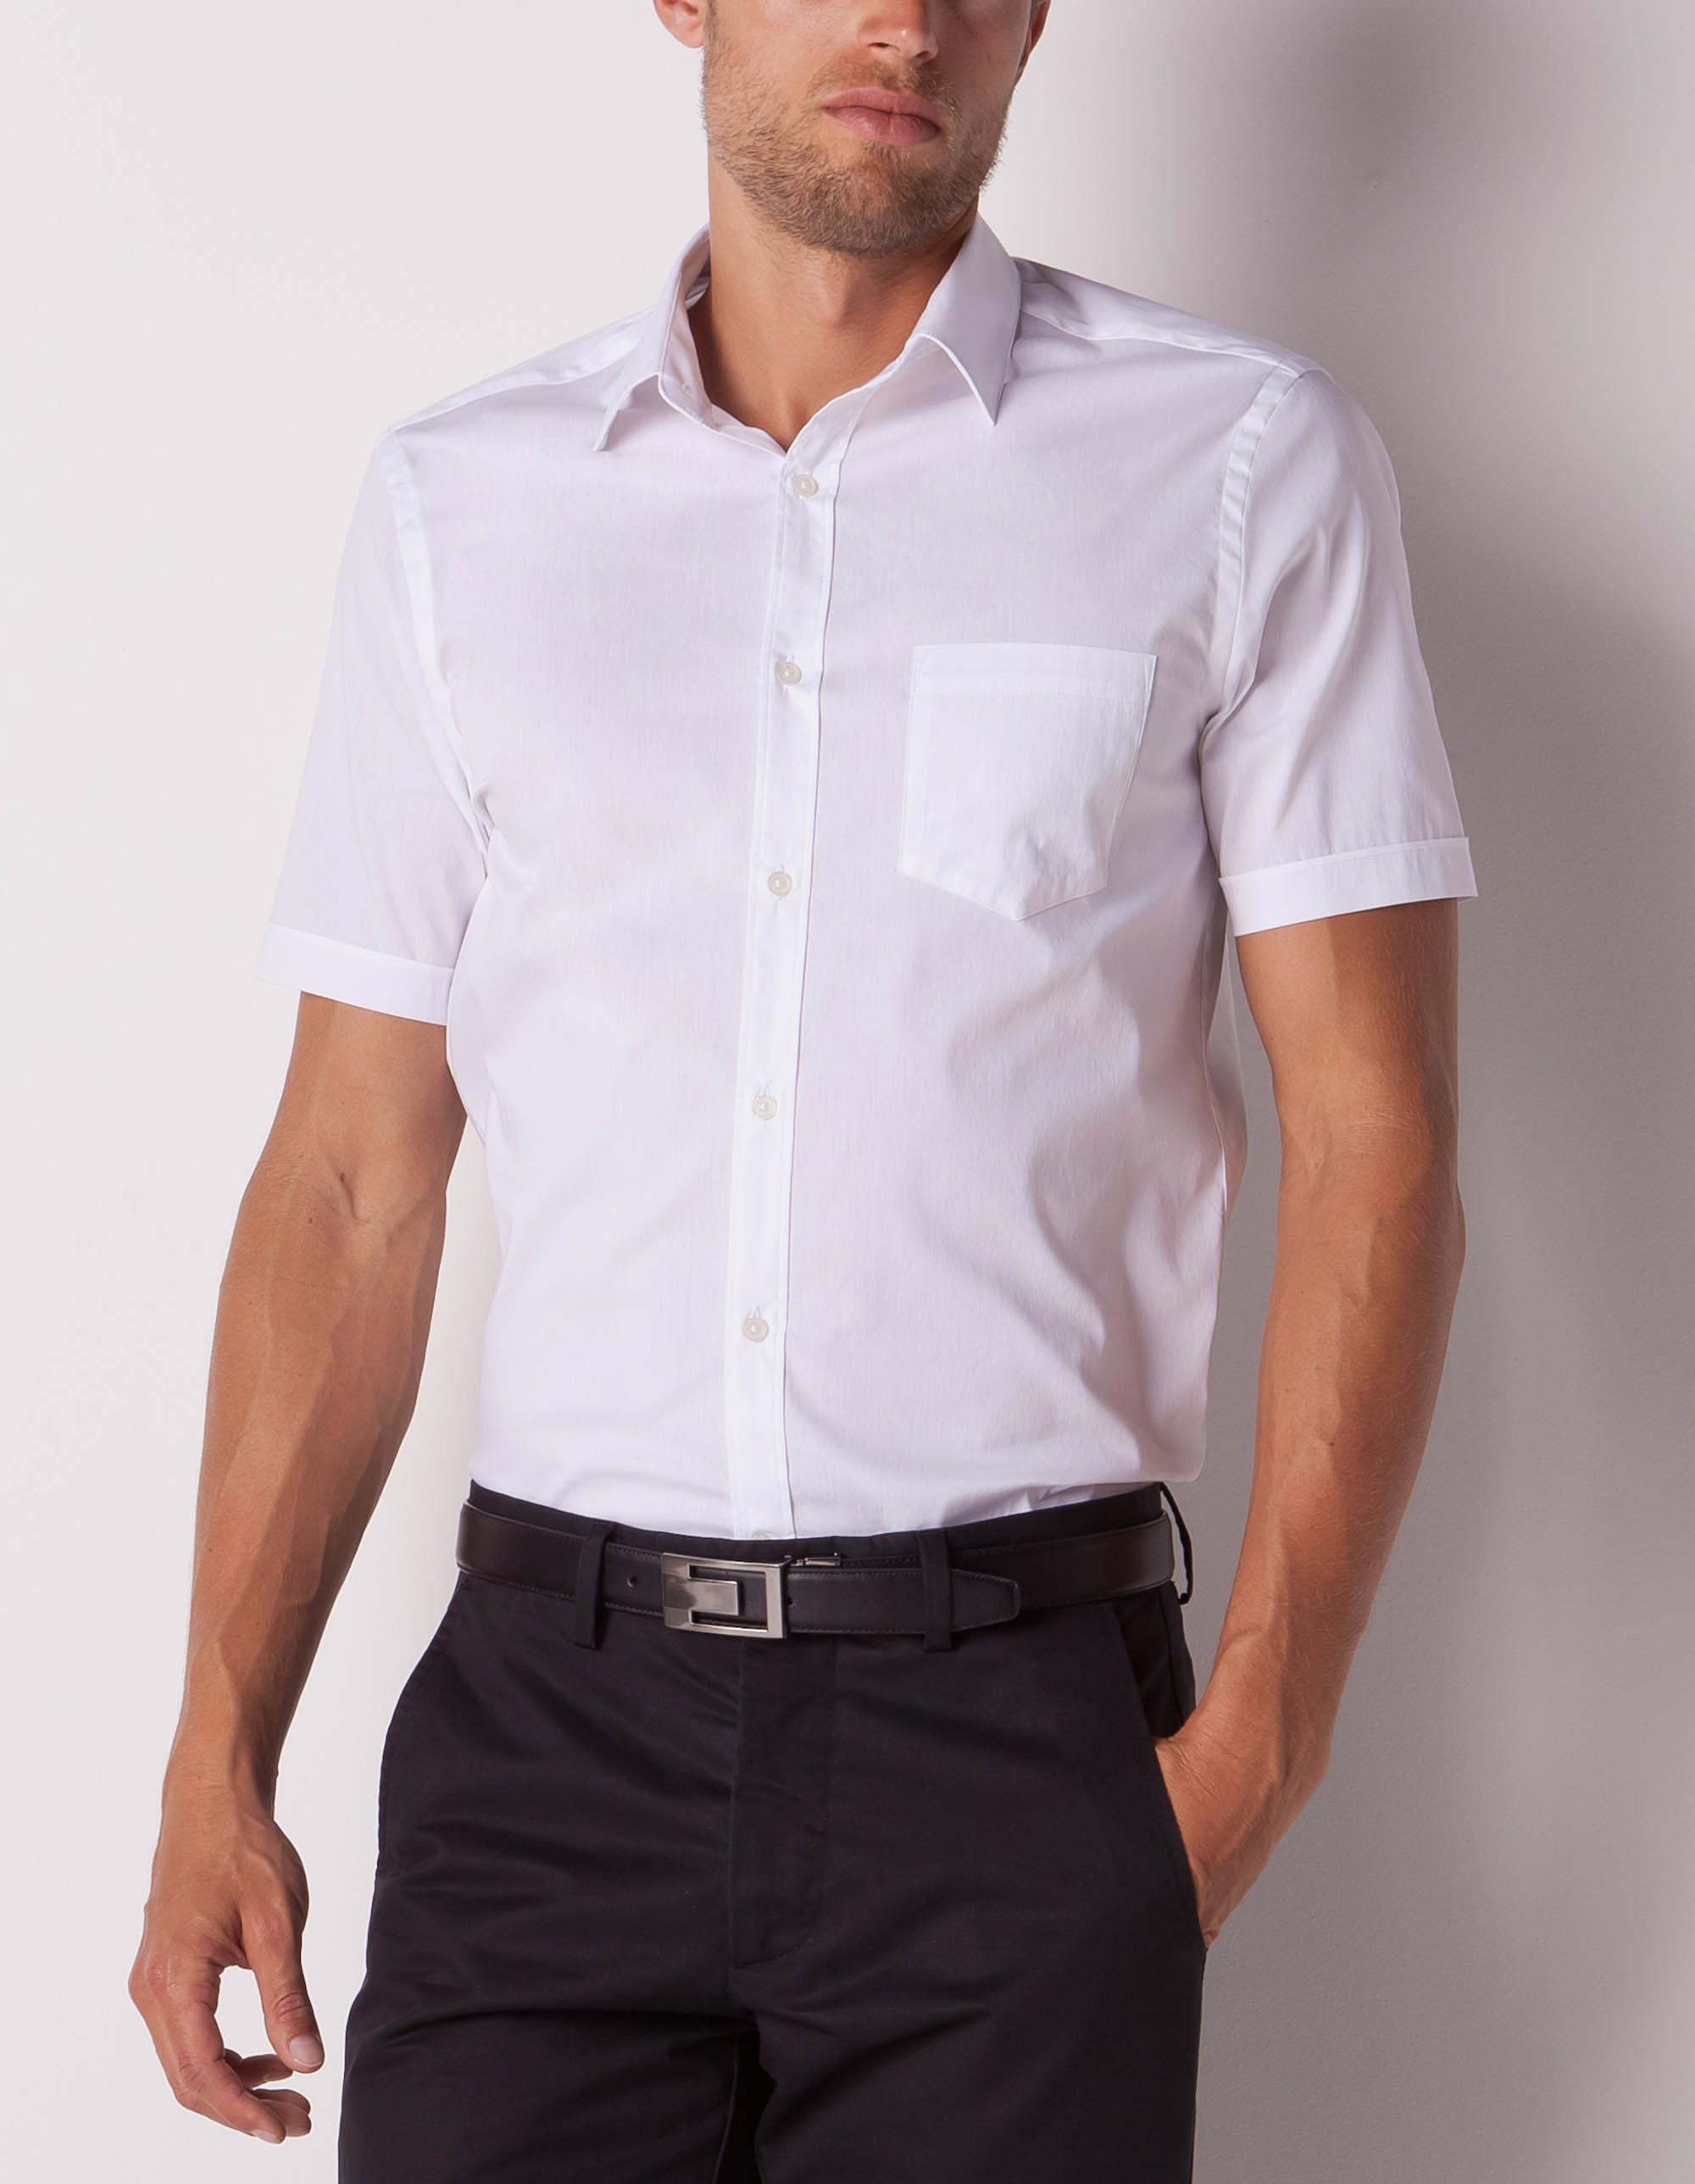 Peut-on porter une chemise à manches courtes au travail ?